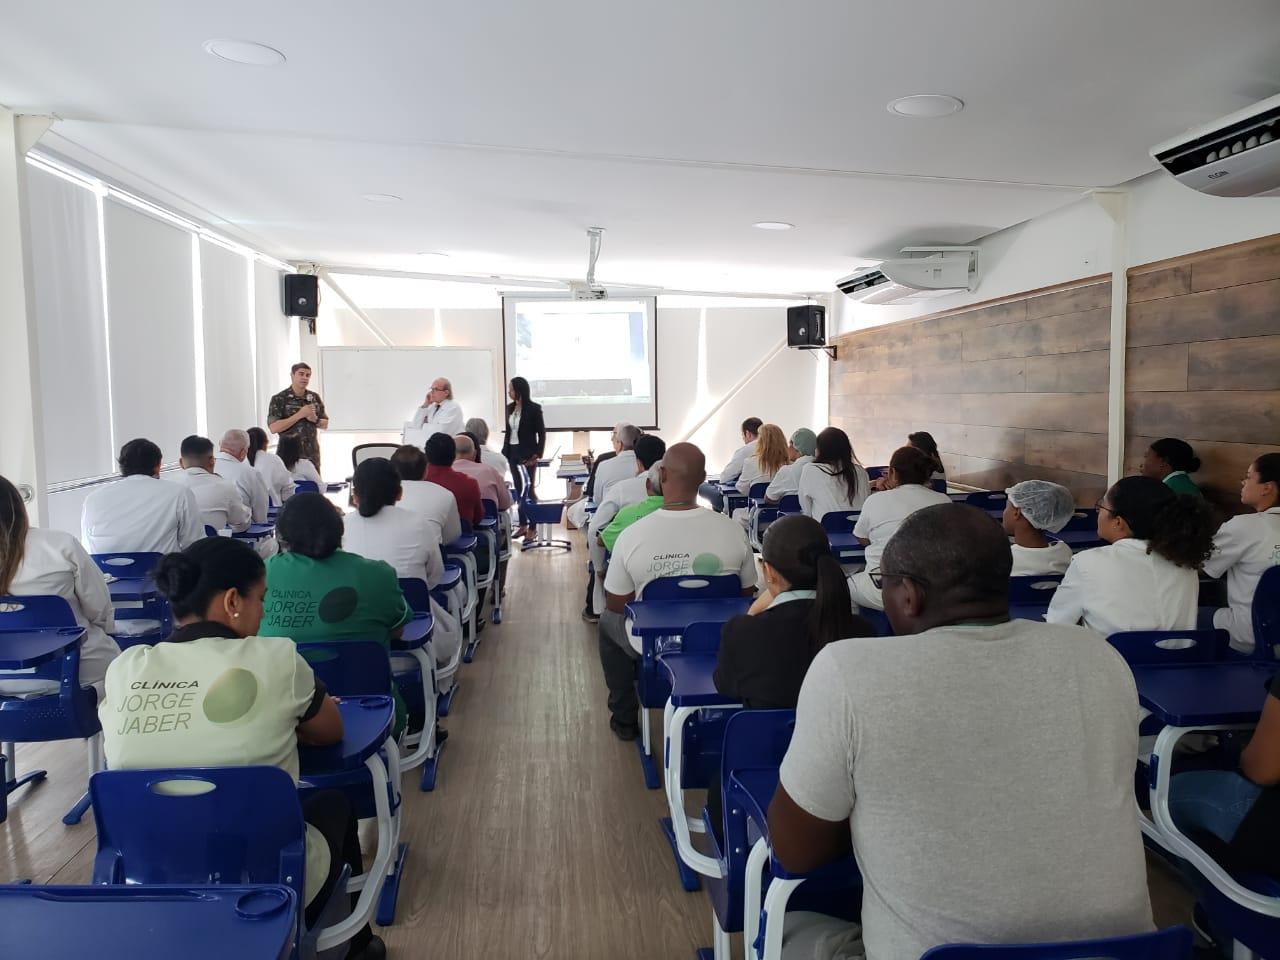 Clínica Jorge Jaber e a Universidade Gama e Souza oferecem curso em Emergências Psiquiátricas e Clínicas